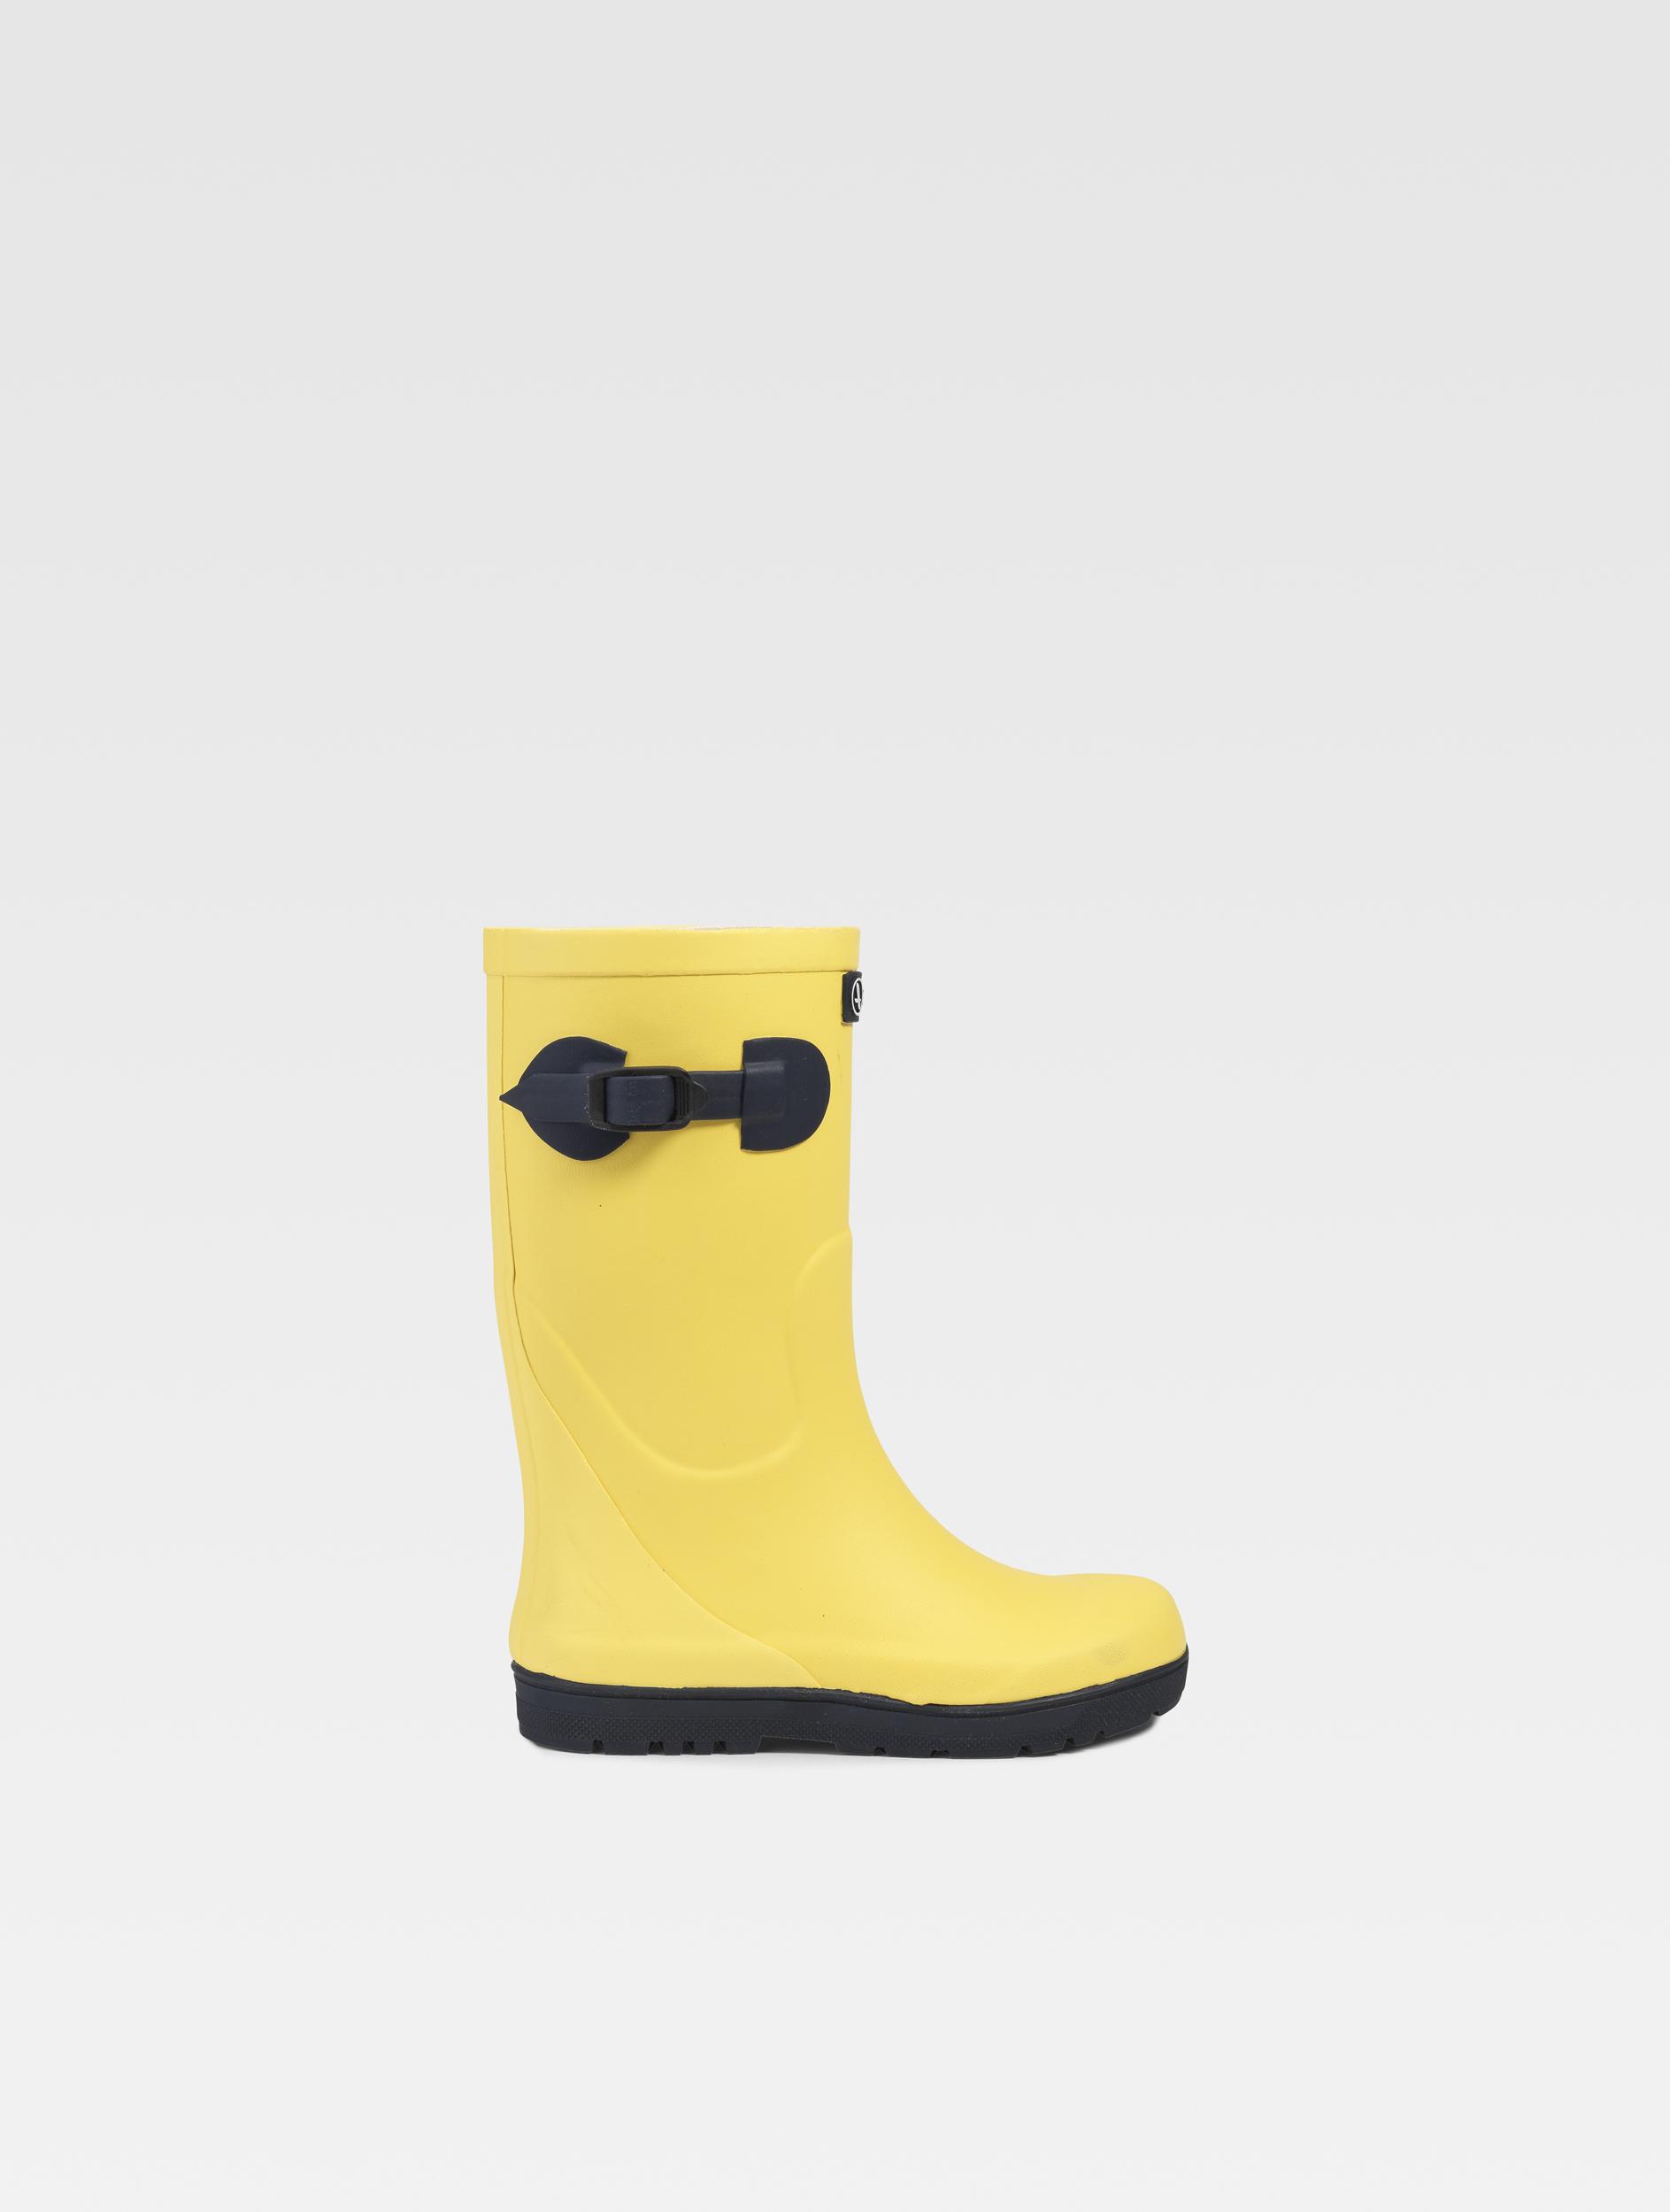 Filles Arc en ciel nuages Wellies Wellington Bottes UK Enfant Chaussure Tailles 4 To 13